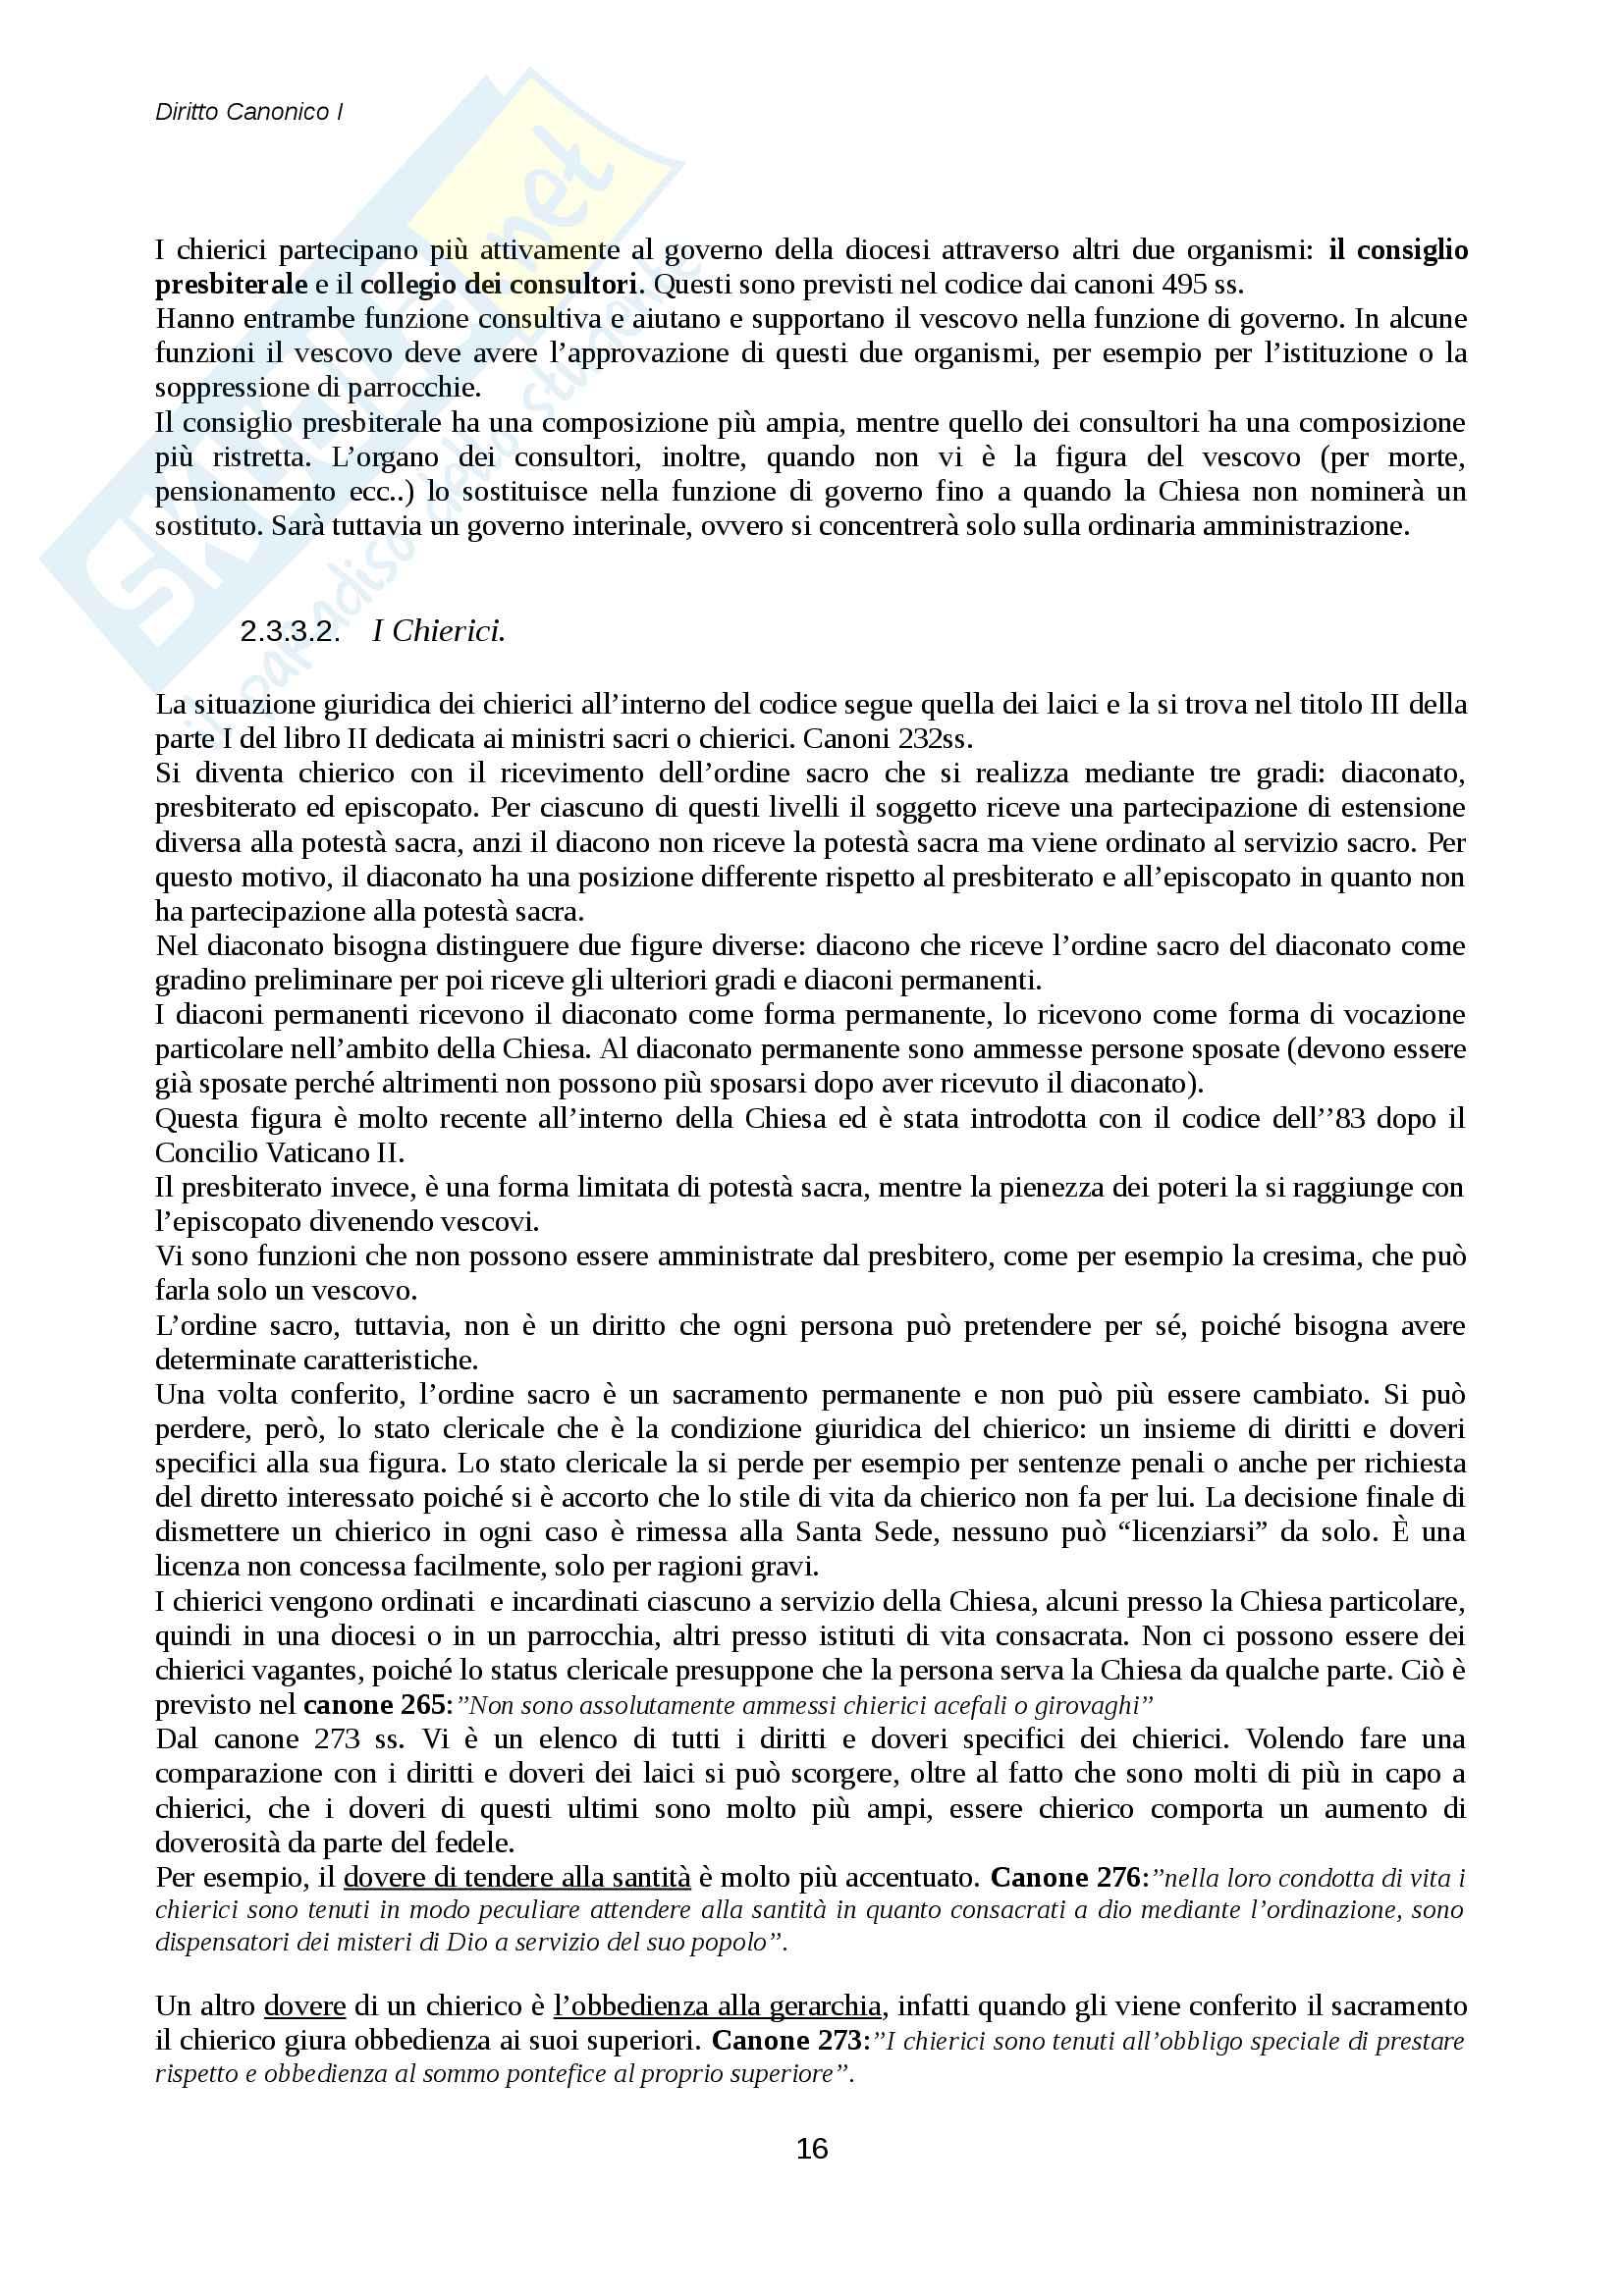 Diritto canonico Pag. 16